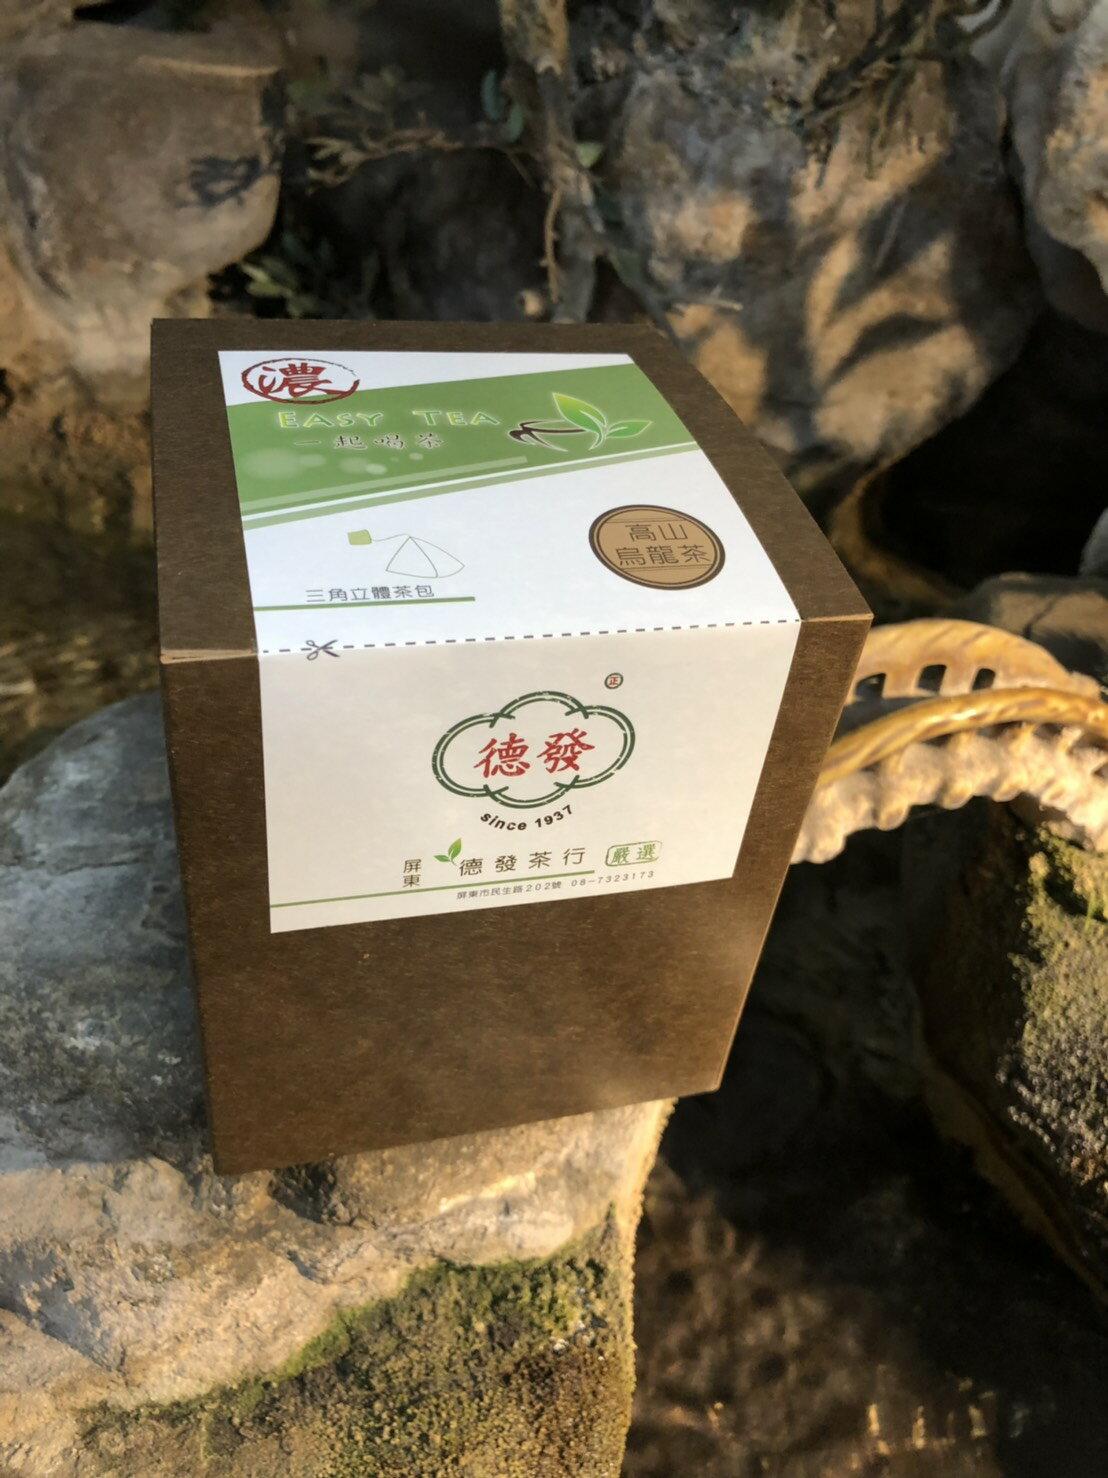 交Easy Tea 一起喝茶【中焙濃香烏龍茶包】 3g/15包入  濃郁甘醇 茶包設計 沖泡方便 交換禮物  好實用